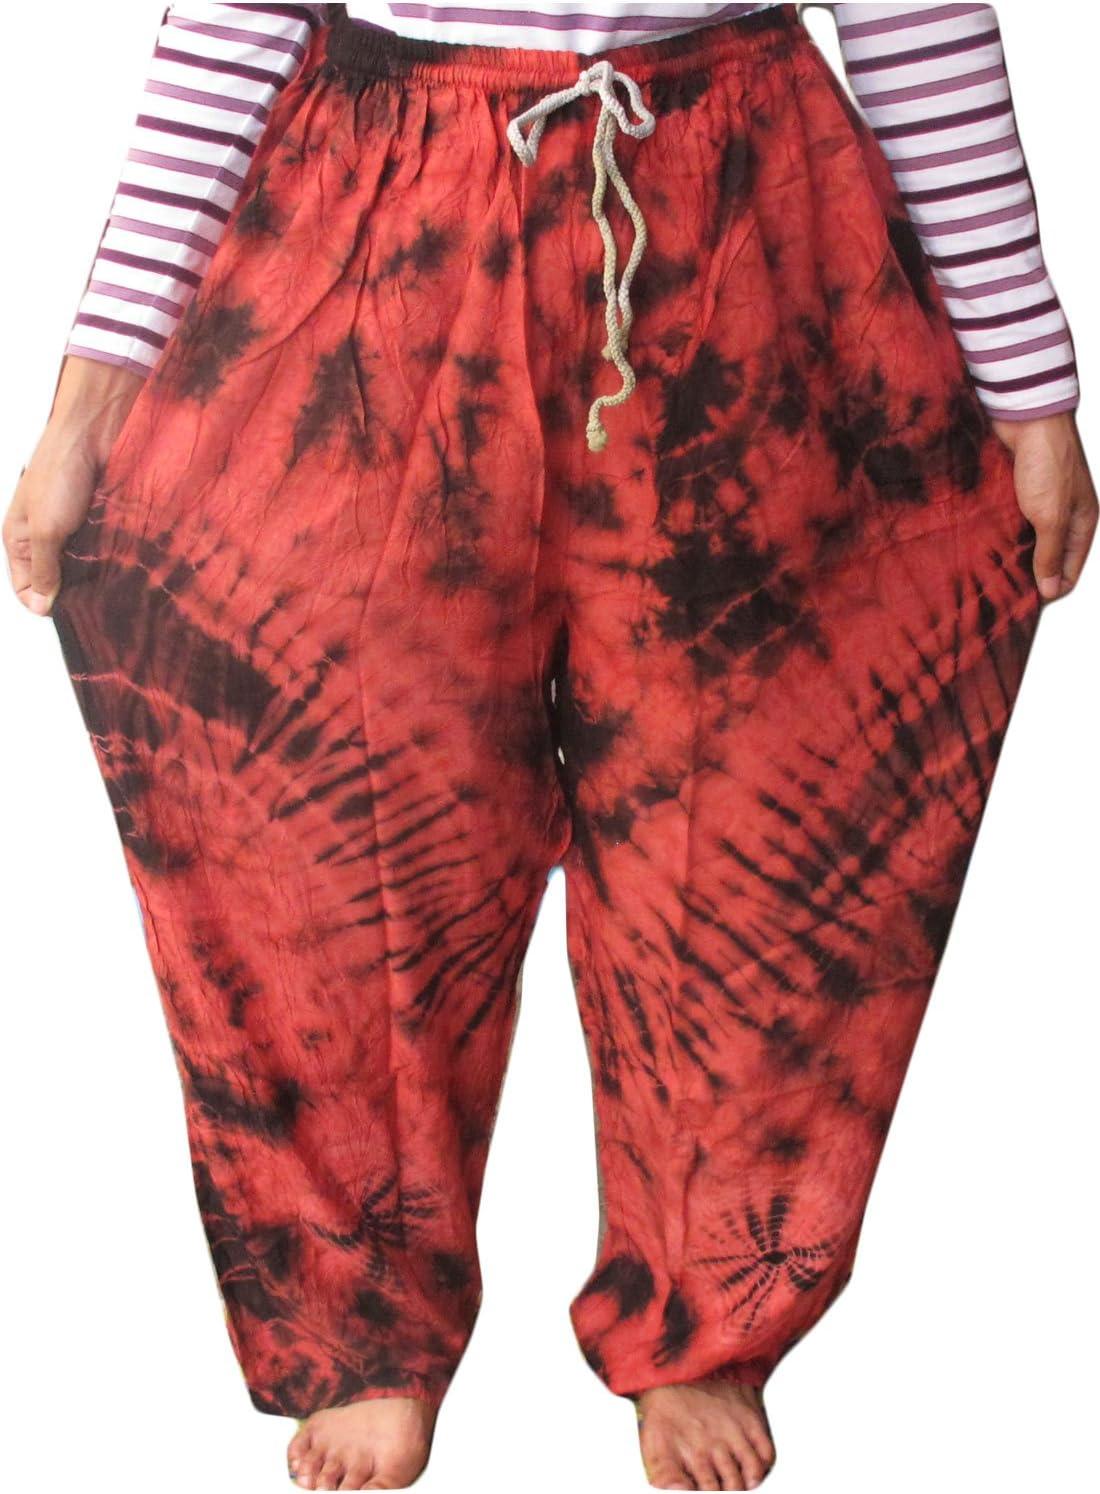 Perfect Beach Cotton Rayon Tie Dye Fisherman Yoka Pants Hippie Baggy 71PChJnkb0L